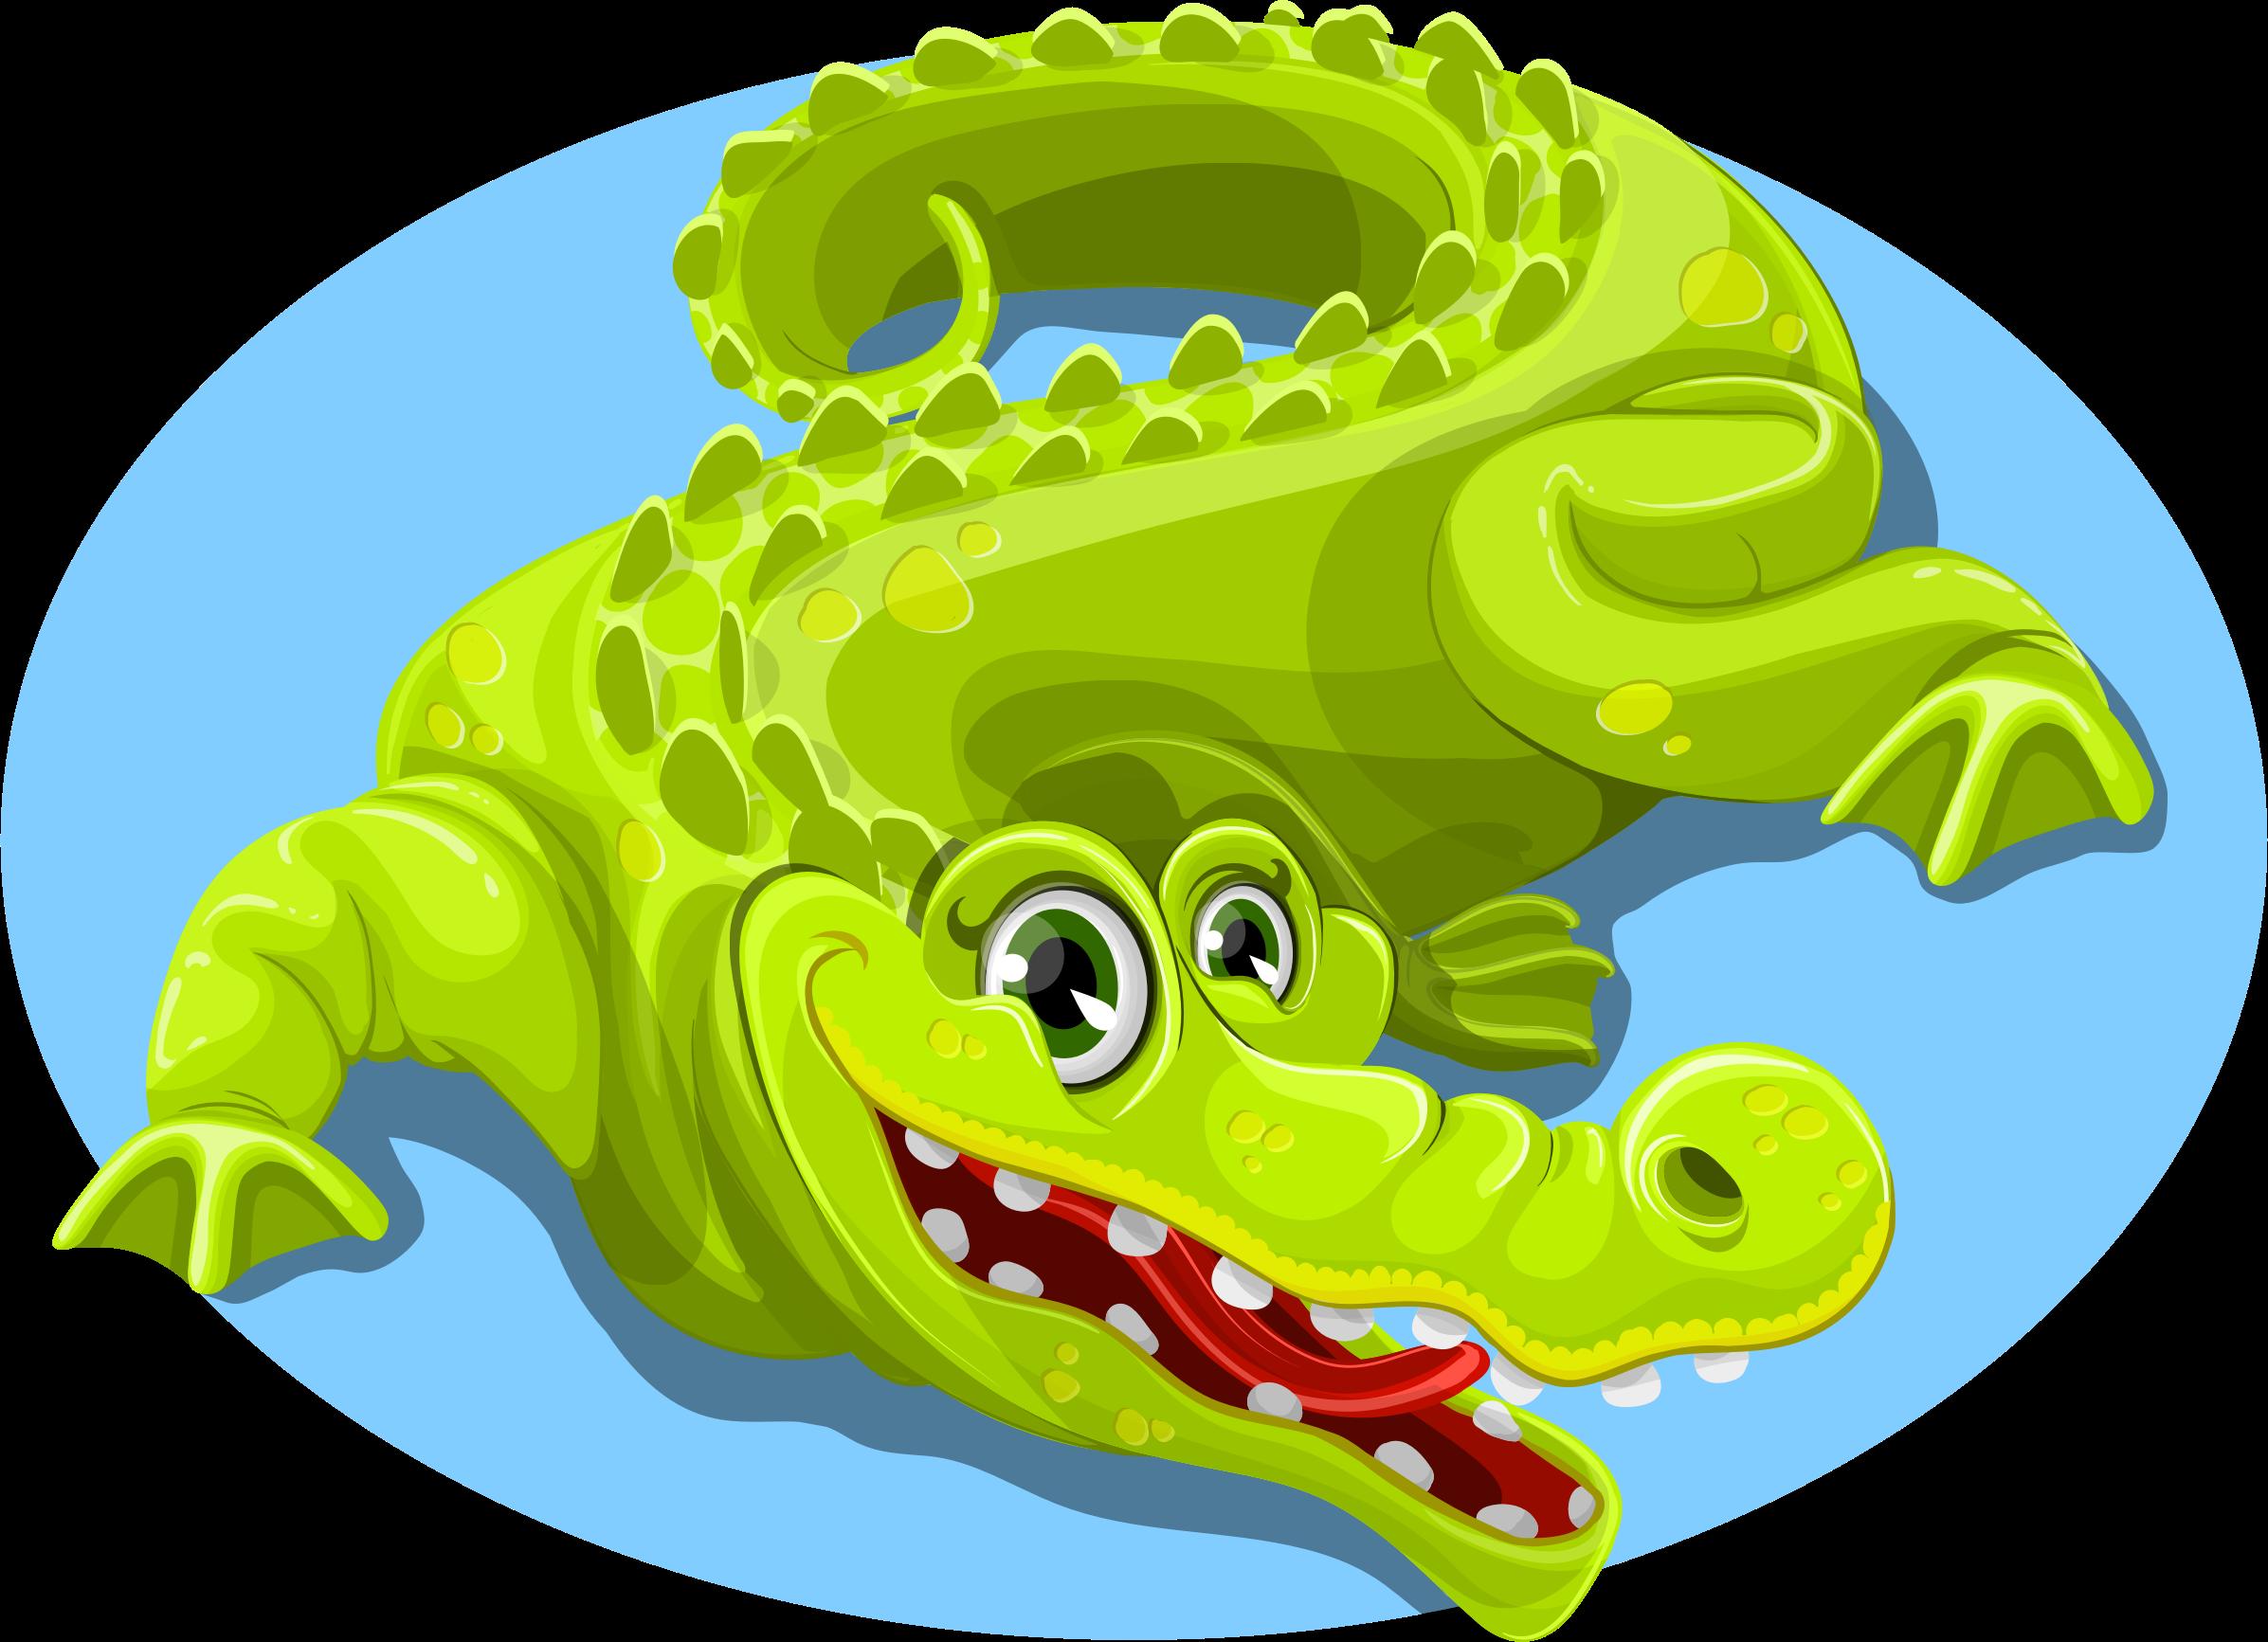 Big image png. Gator clipart alligator